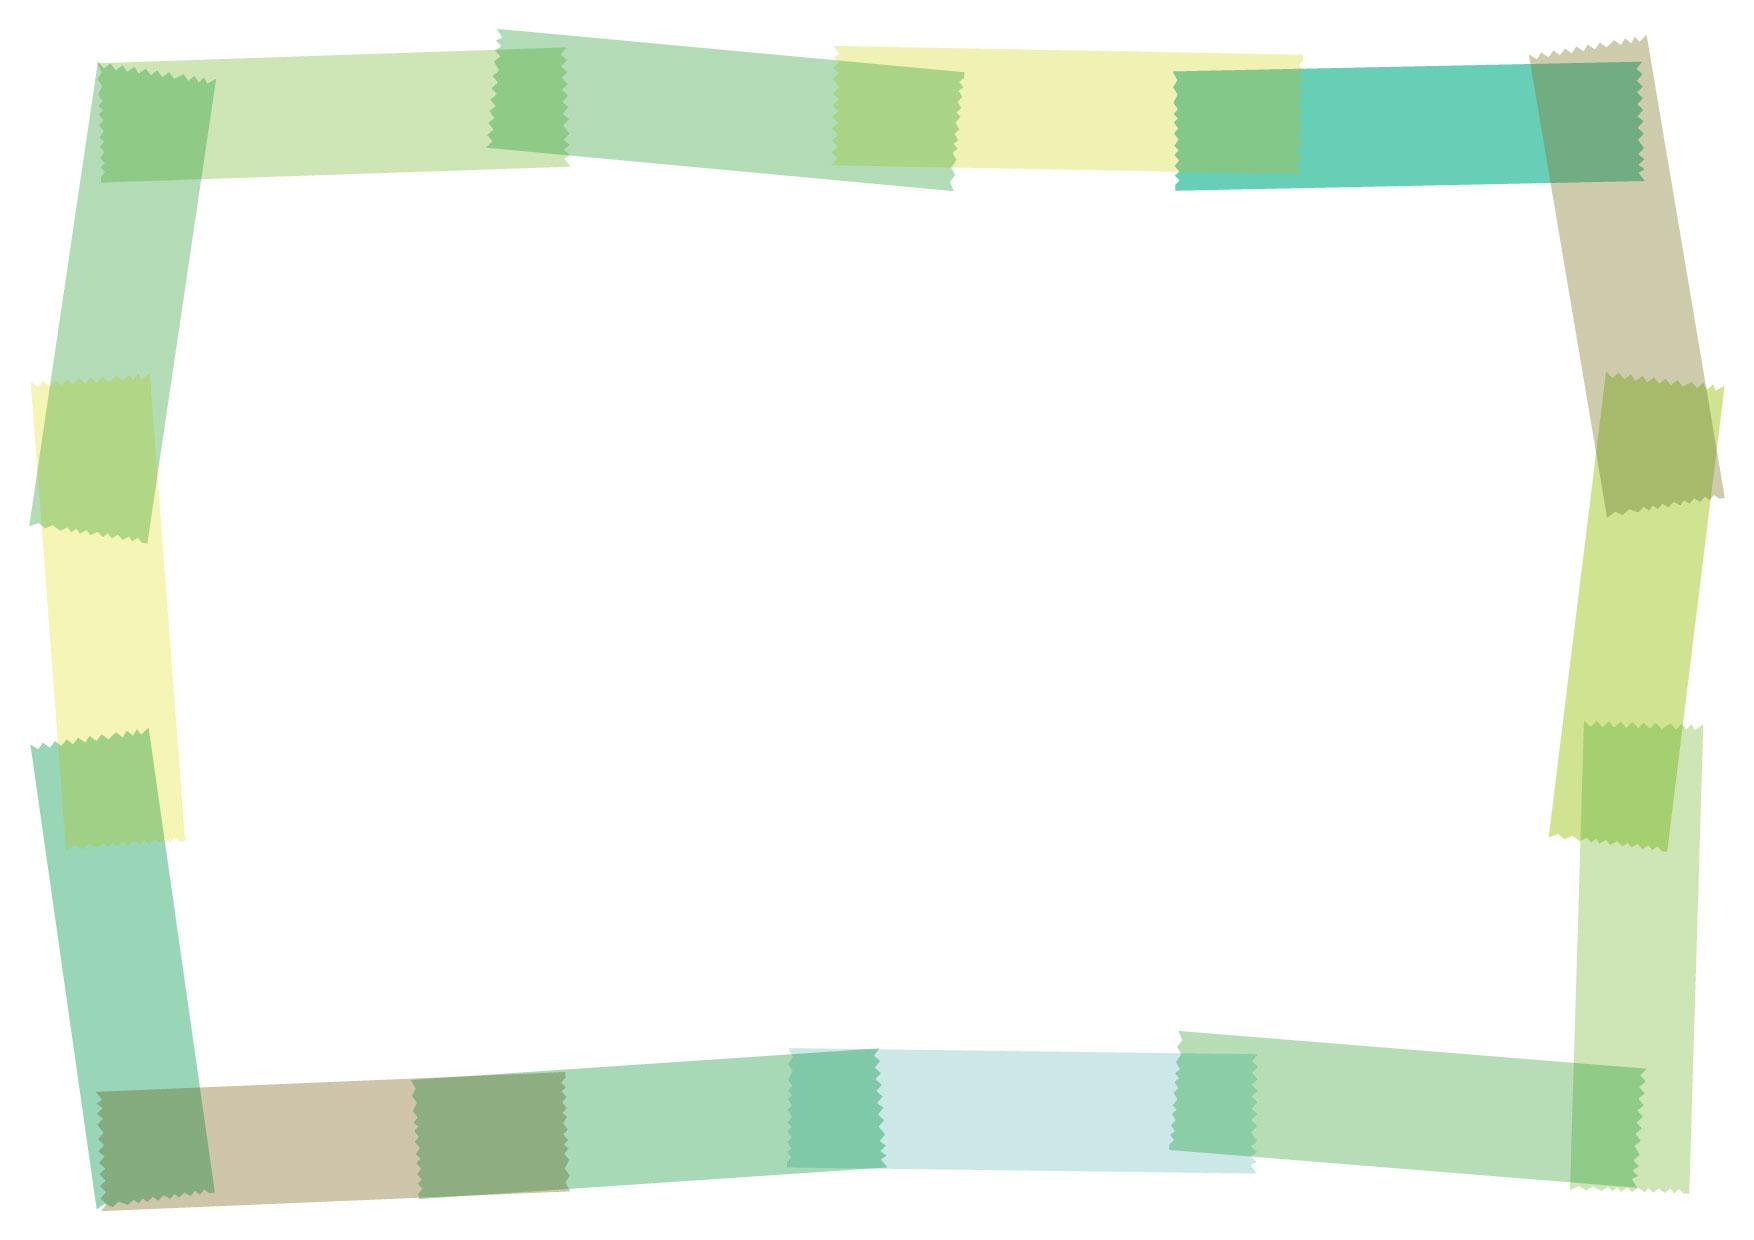 可愛いイラスト無料|マスキングテープ フレーム 緑 − free illustration Masking tape frame green